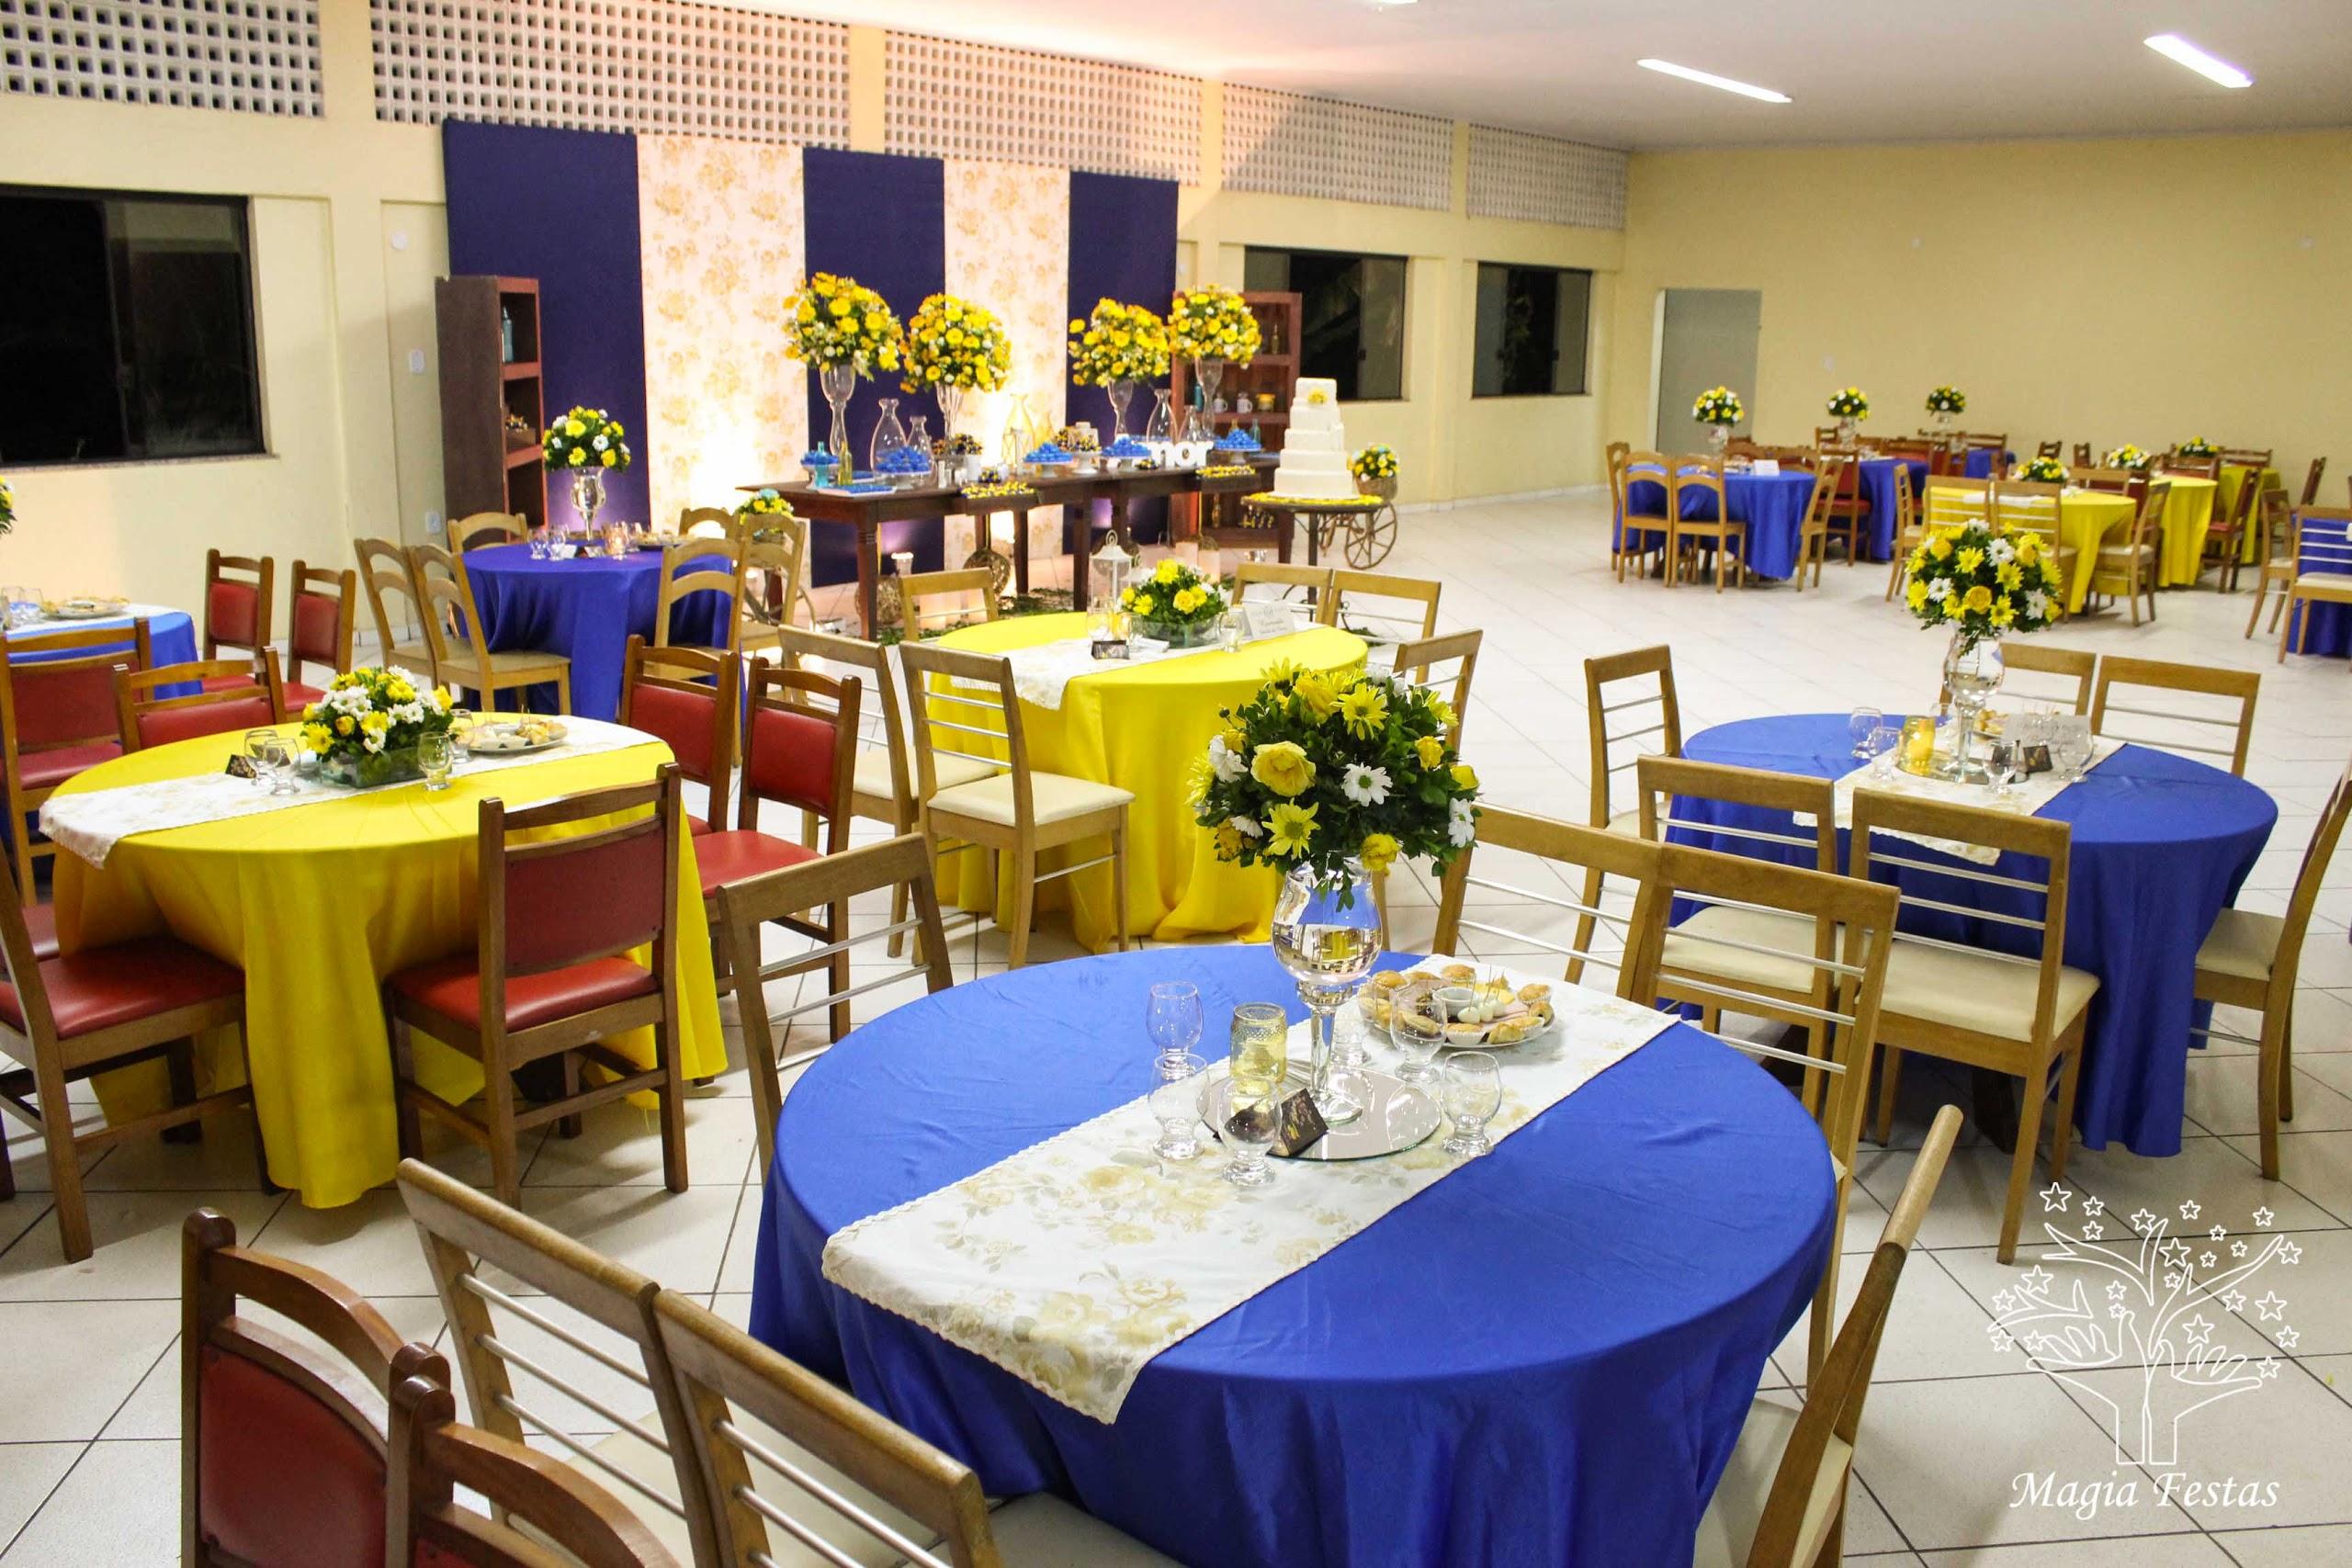 decoracao casamento rustico azul e amarelo : decoracao casamento rustico azul e amarelo:Enviar por e-mail BlogThis! Compartilhar no Twitter Compartilhar no